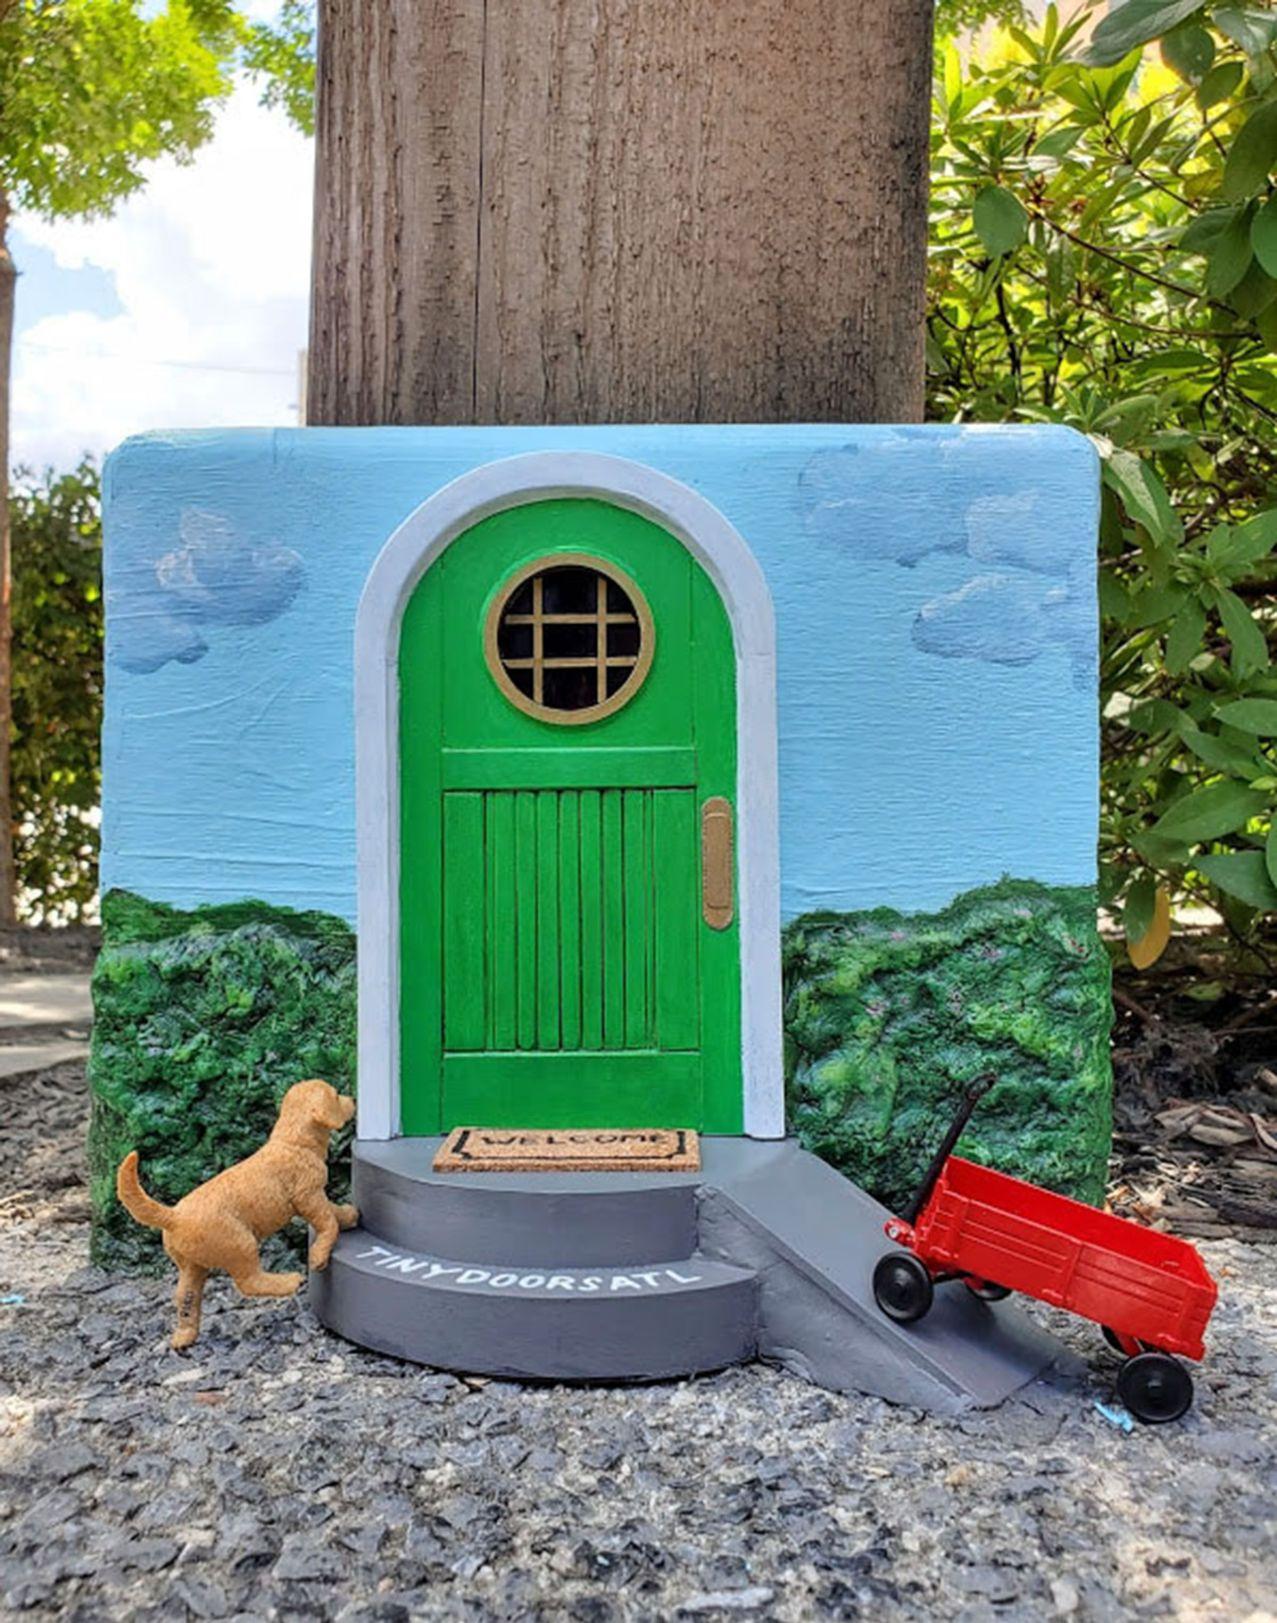 092519_MNS_full_CHOA_door_001 Tiny Door